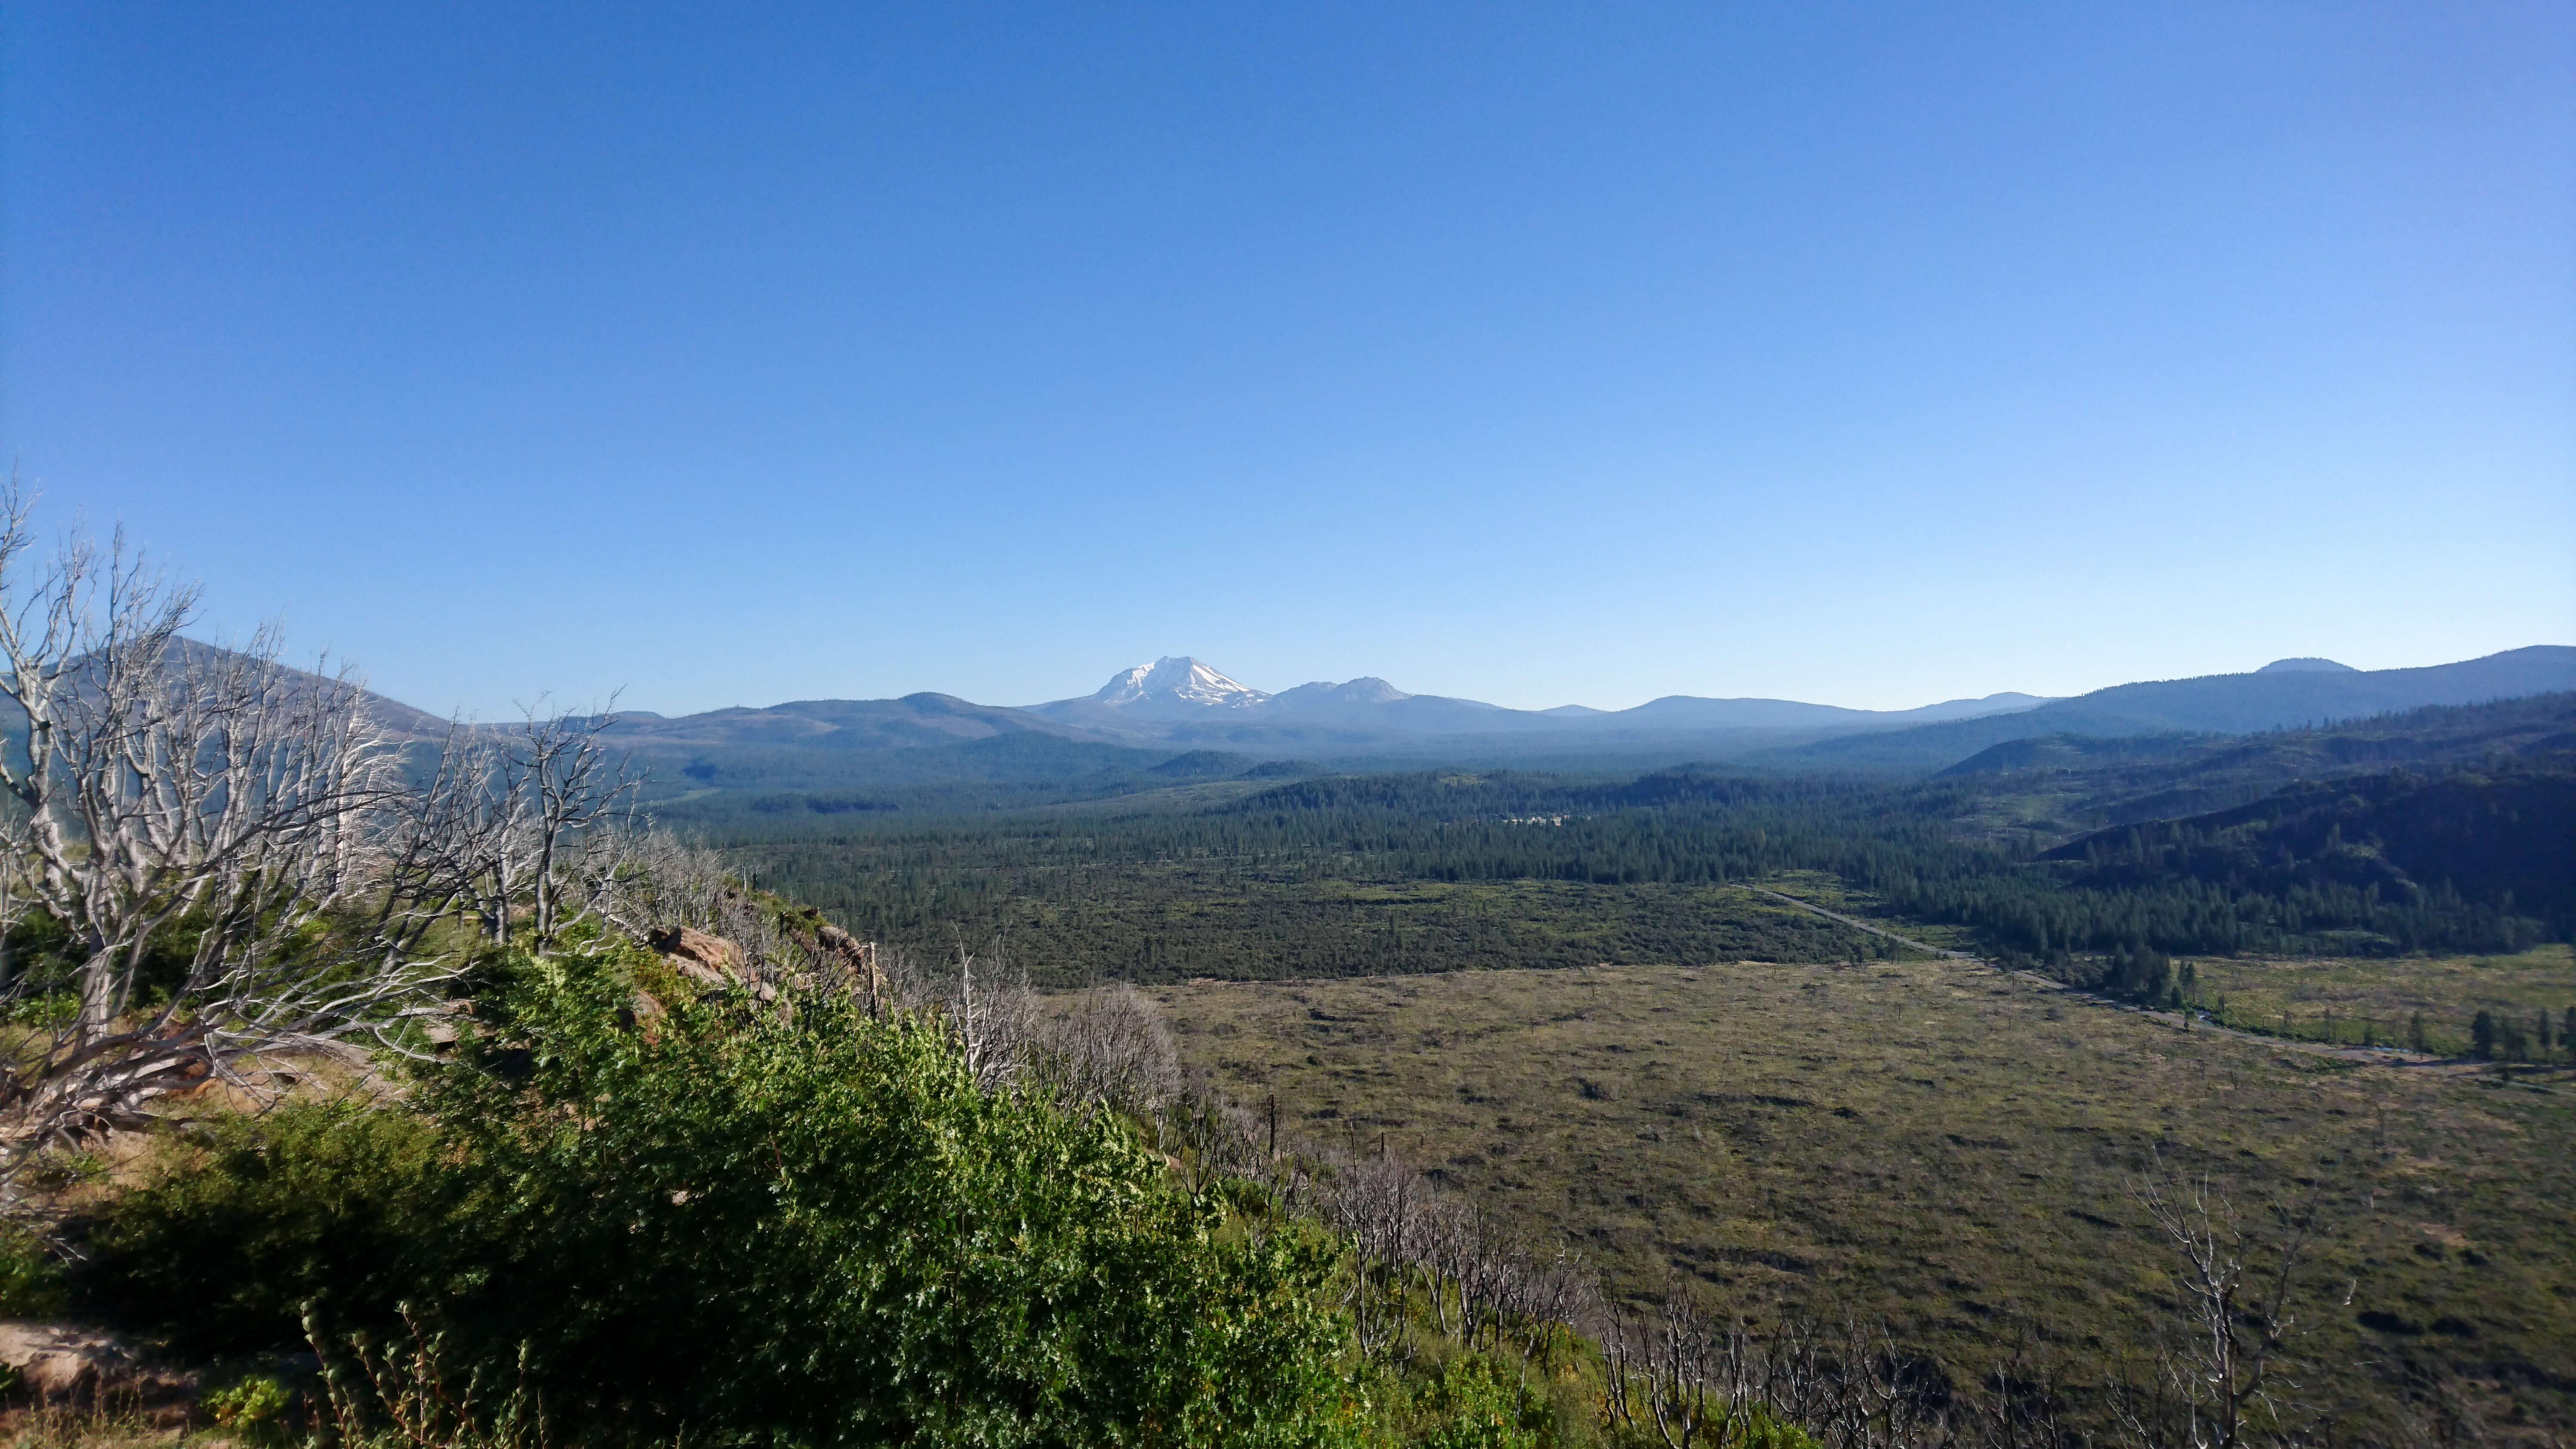 Vue sur le Mont Lassen, depuis le plateau du Hat Creek